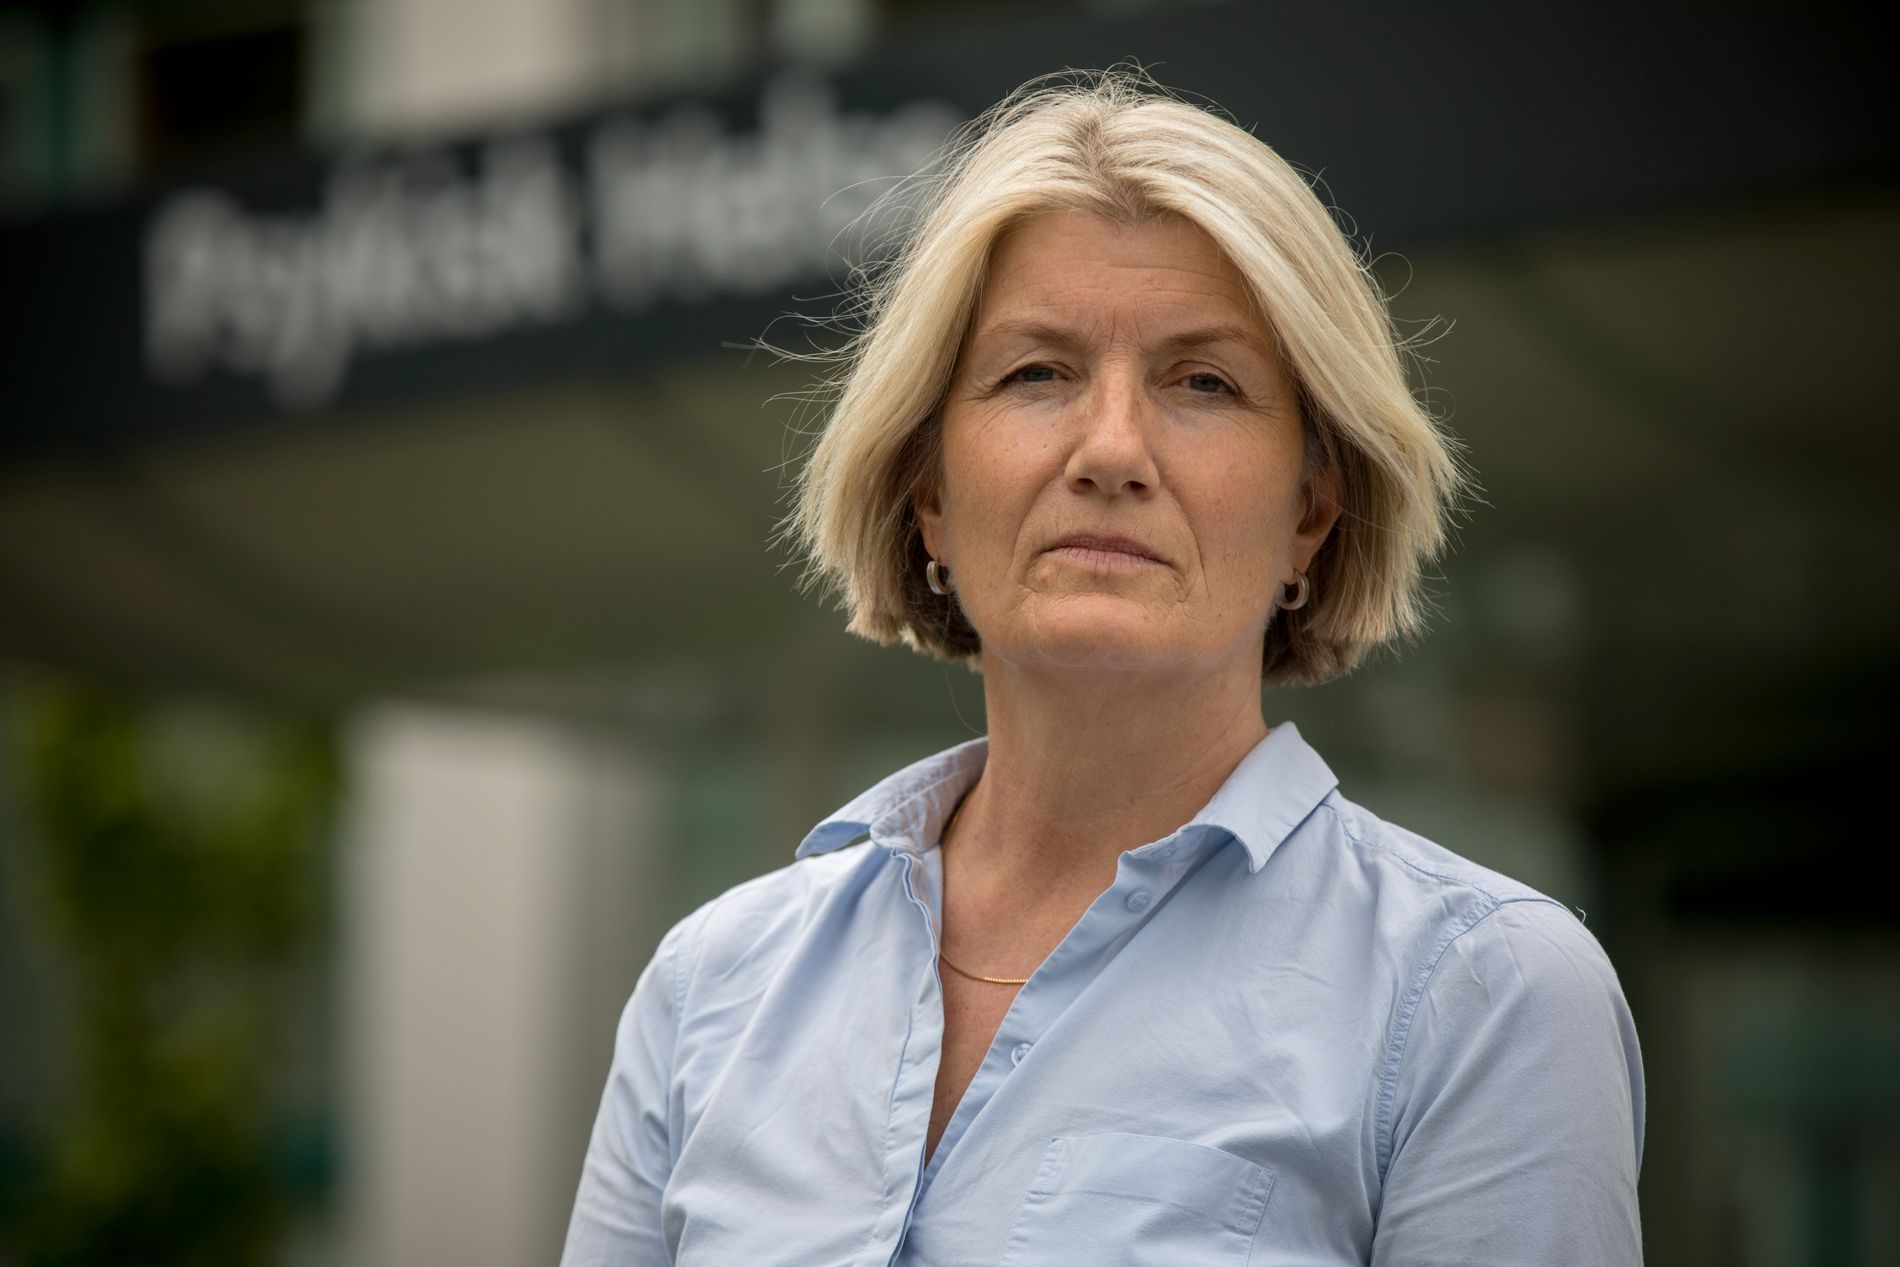 KLINIKKSJEF: Helle Kristein Schøyen ved Stavanger universitetssykehus mener det er behov for en klargjøring av lovverket rundt elektrosjokkbehandling uten pasientens samtykke.